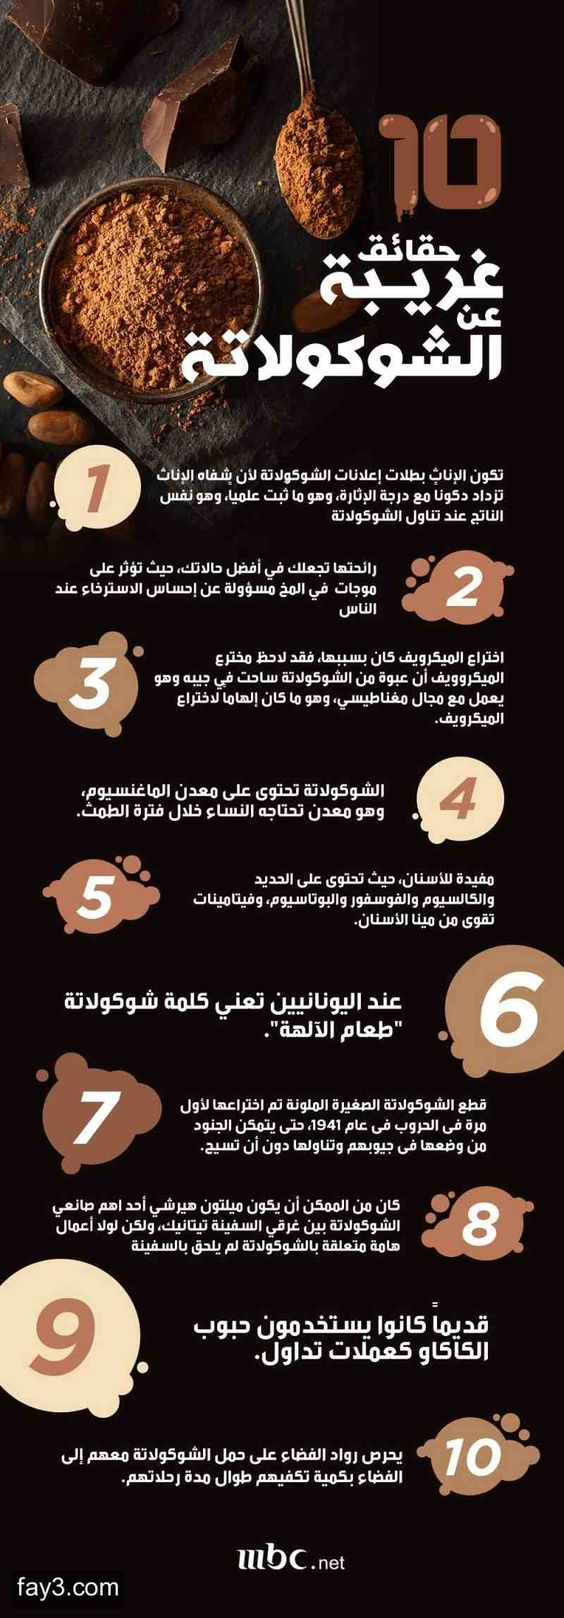 الشوكولاتة هي الحلوي رقم 1 فى العالم واكثر الحليوات شهرة وقد ثبت انها مفيدة صحيا ونفسيا ايضا تعرف على 10 معلومات شي Health Facts Food Health Food Helthy Food